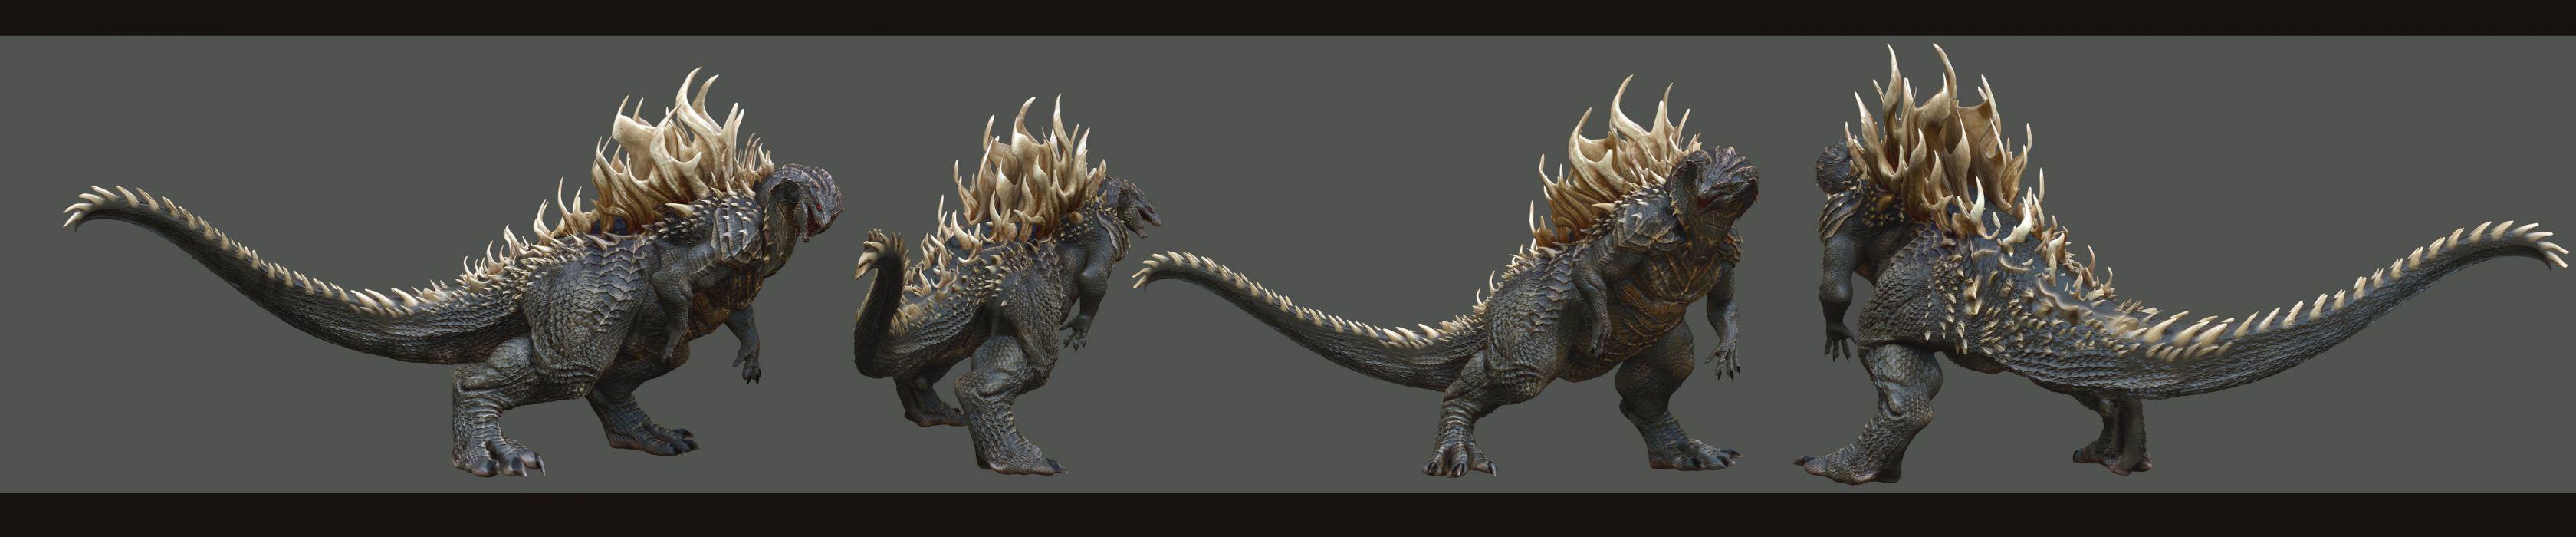 GODZILLA action adventure sci-fi fantasy monster dinosaur horror (30) wallpaper